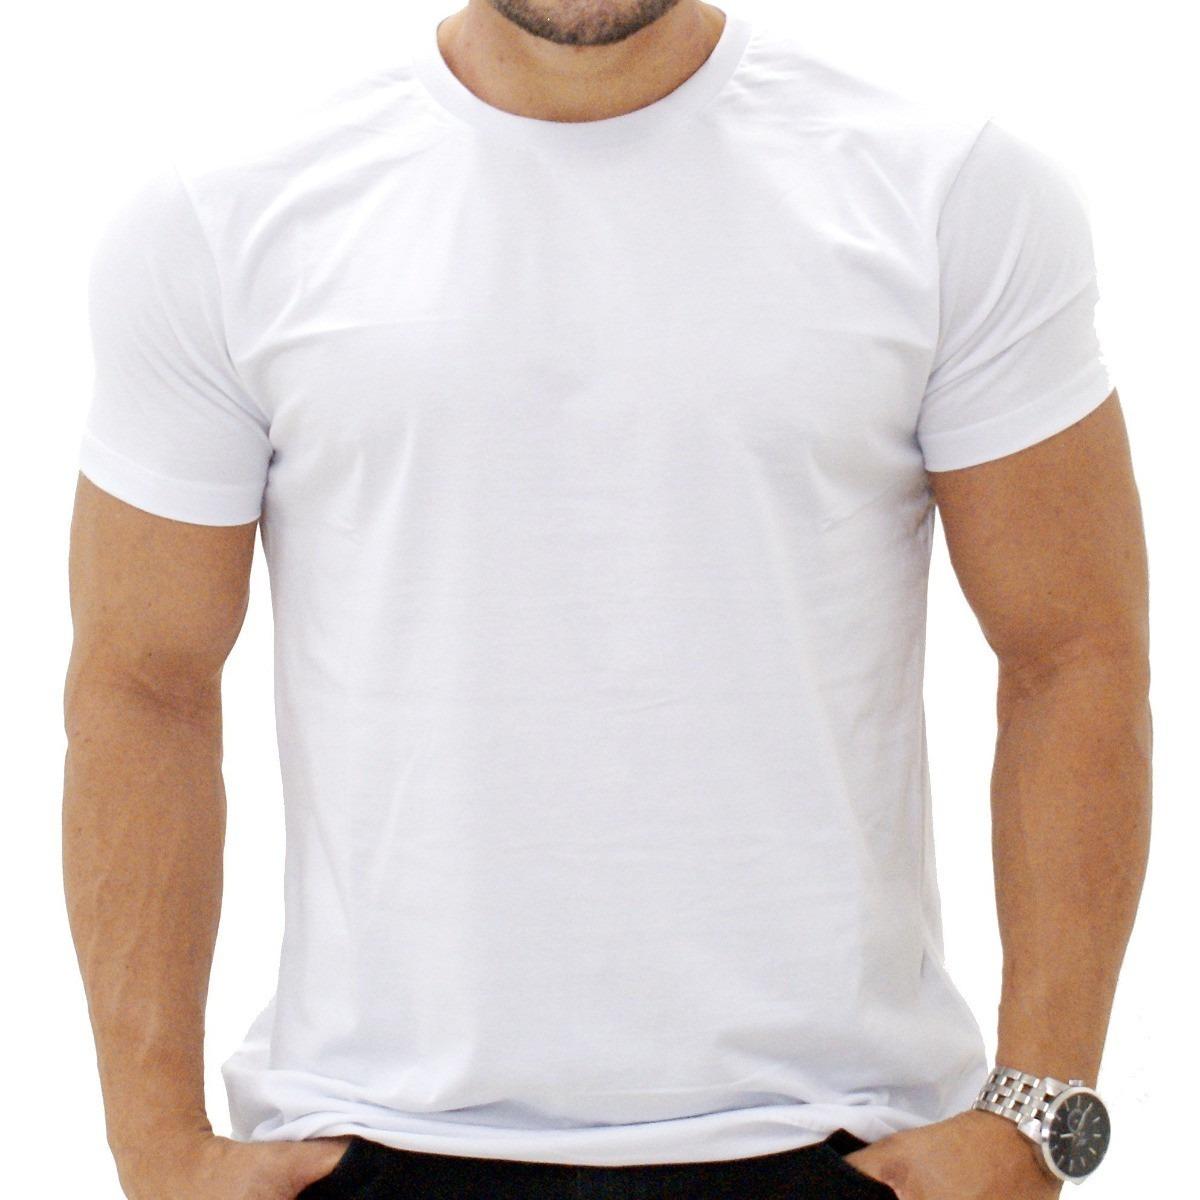 camiseta lisa tecido pet ecológico 30.01 - atacado  promoção. Carregando  zoom. b83ba1663da06